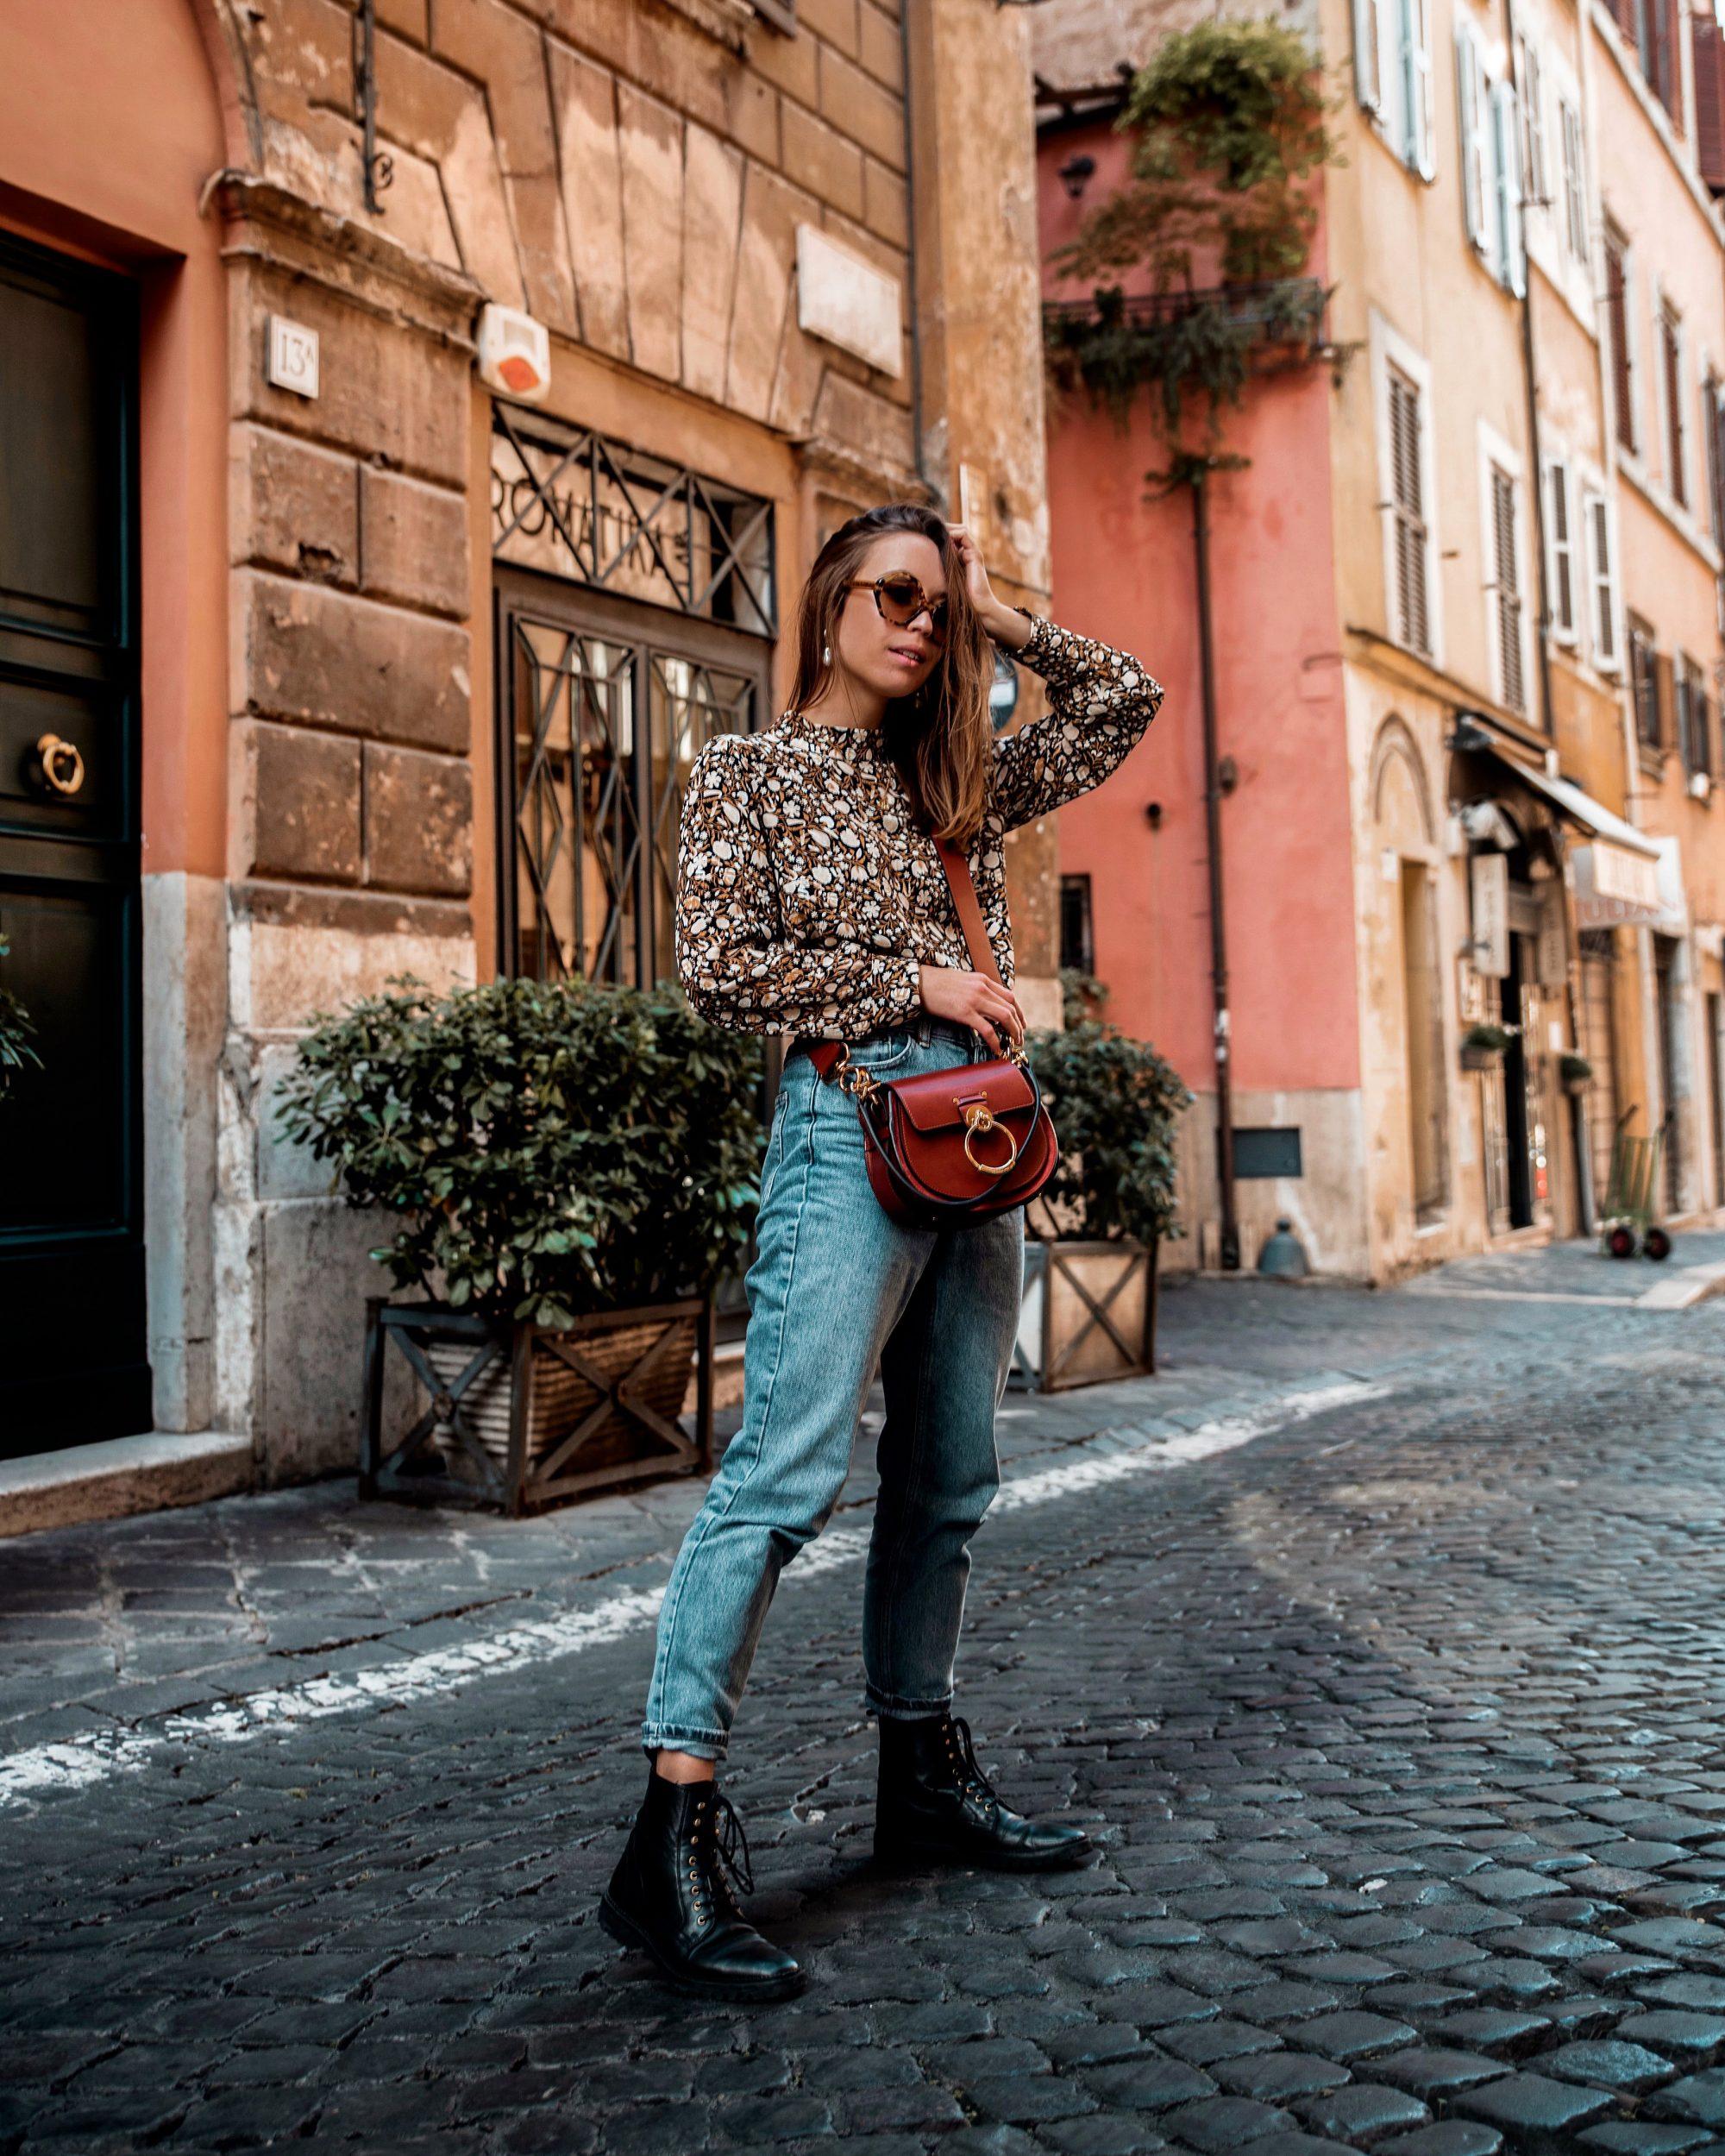 Vier Tage in Rom: Unser Kurztrip in die italienische Metropole